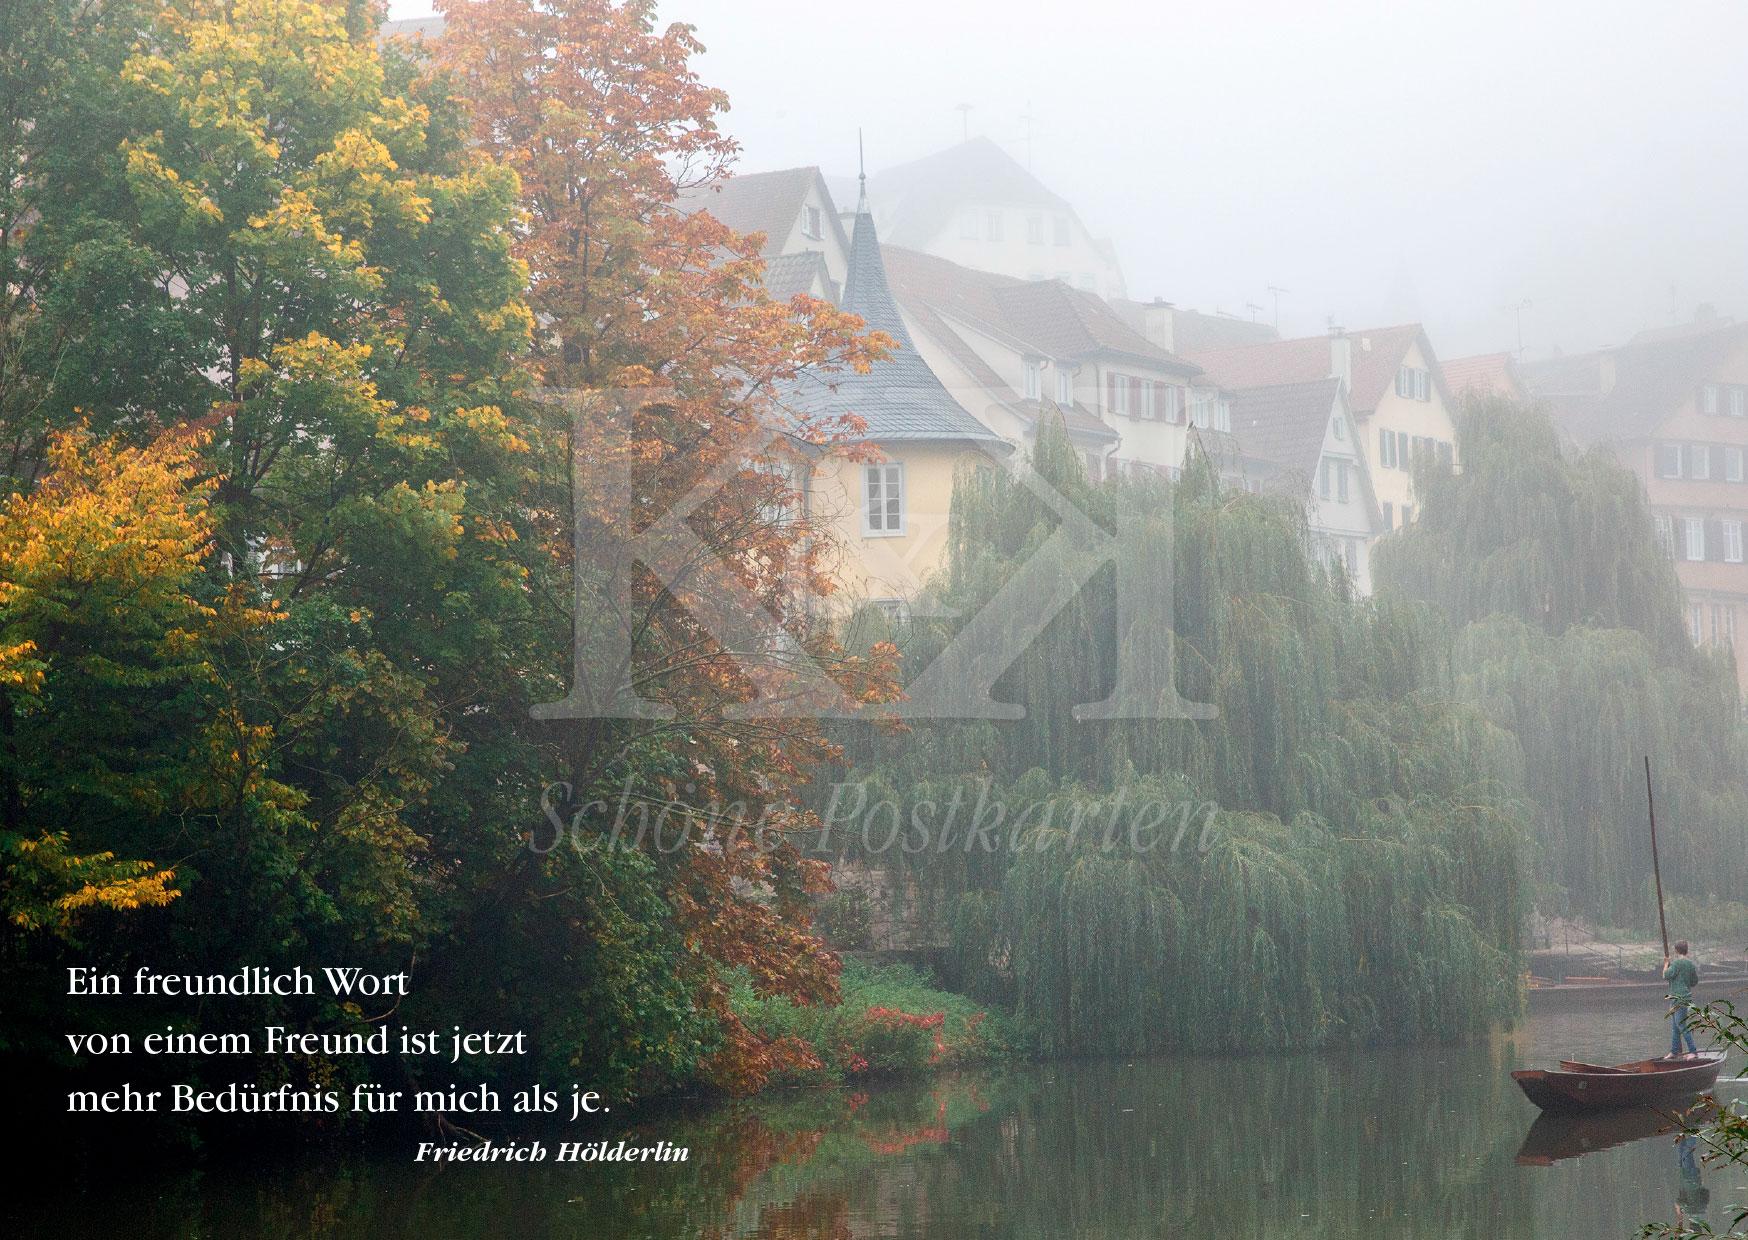 Schöne Postkarte Nr. 39 · Ein freundlich Wort in einer bleiernen Zeit ... © www.schoenepostkarten.de